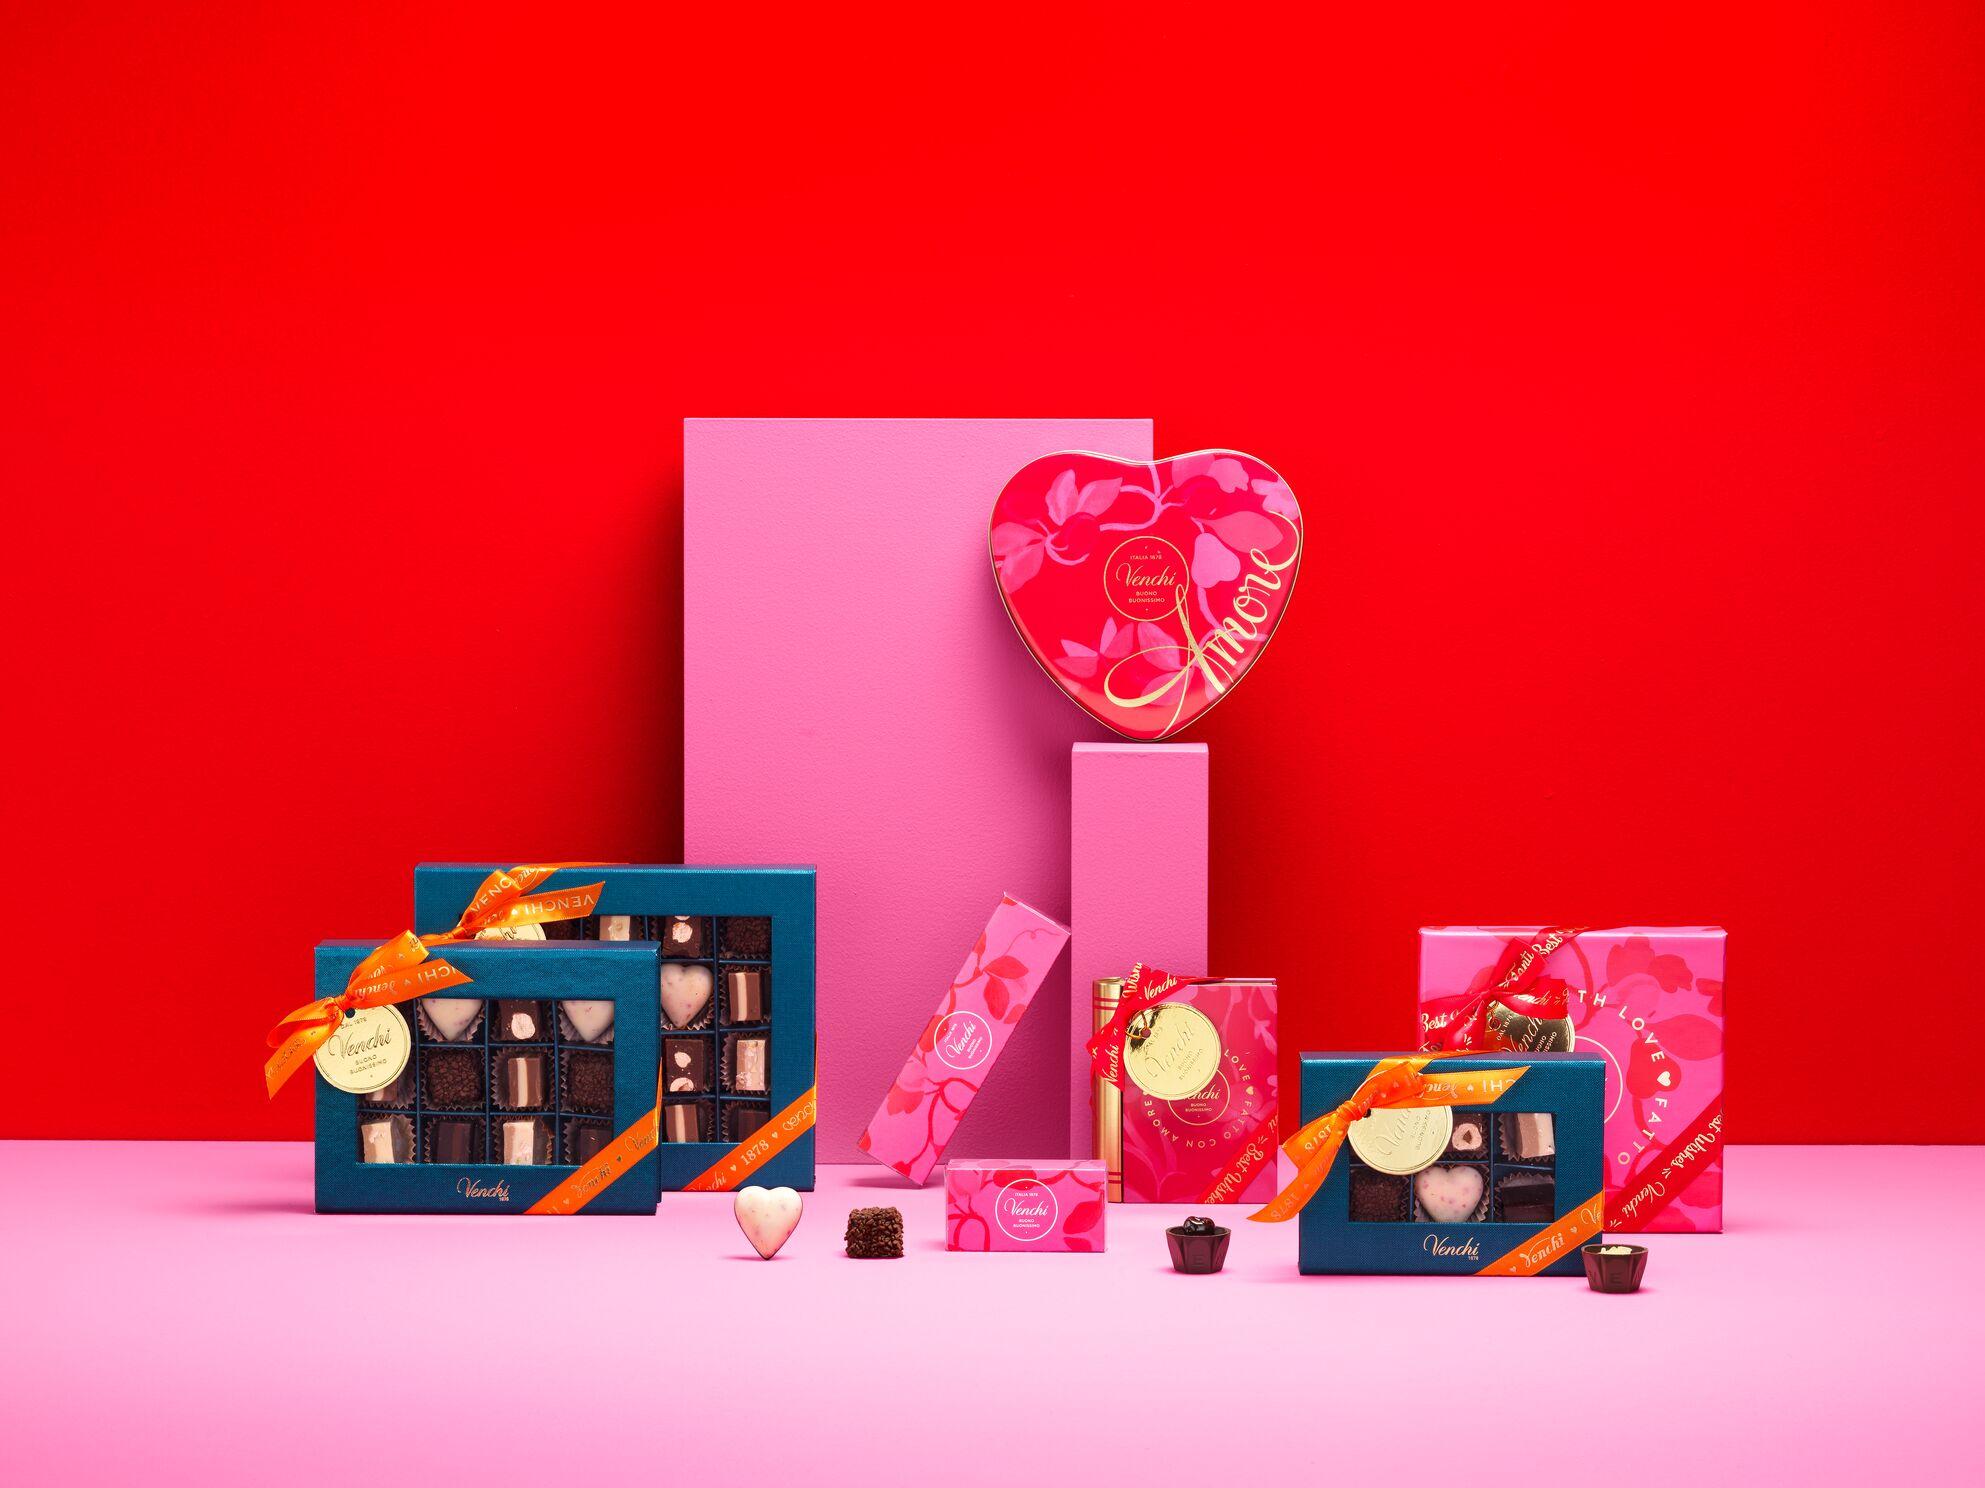 ヴェンキ バレンタインコレクション 2021、1月16日(土)より販売スタート